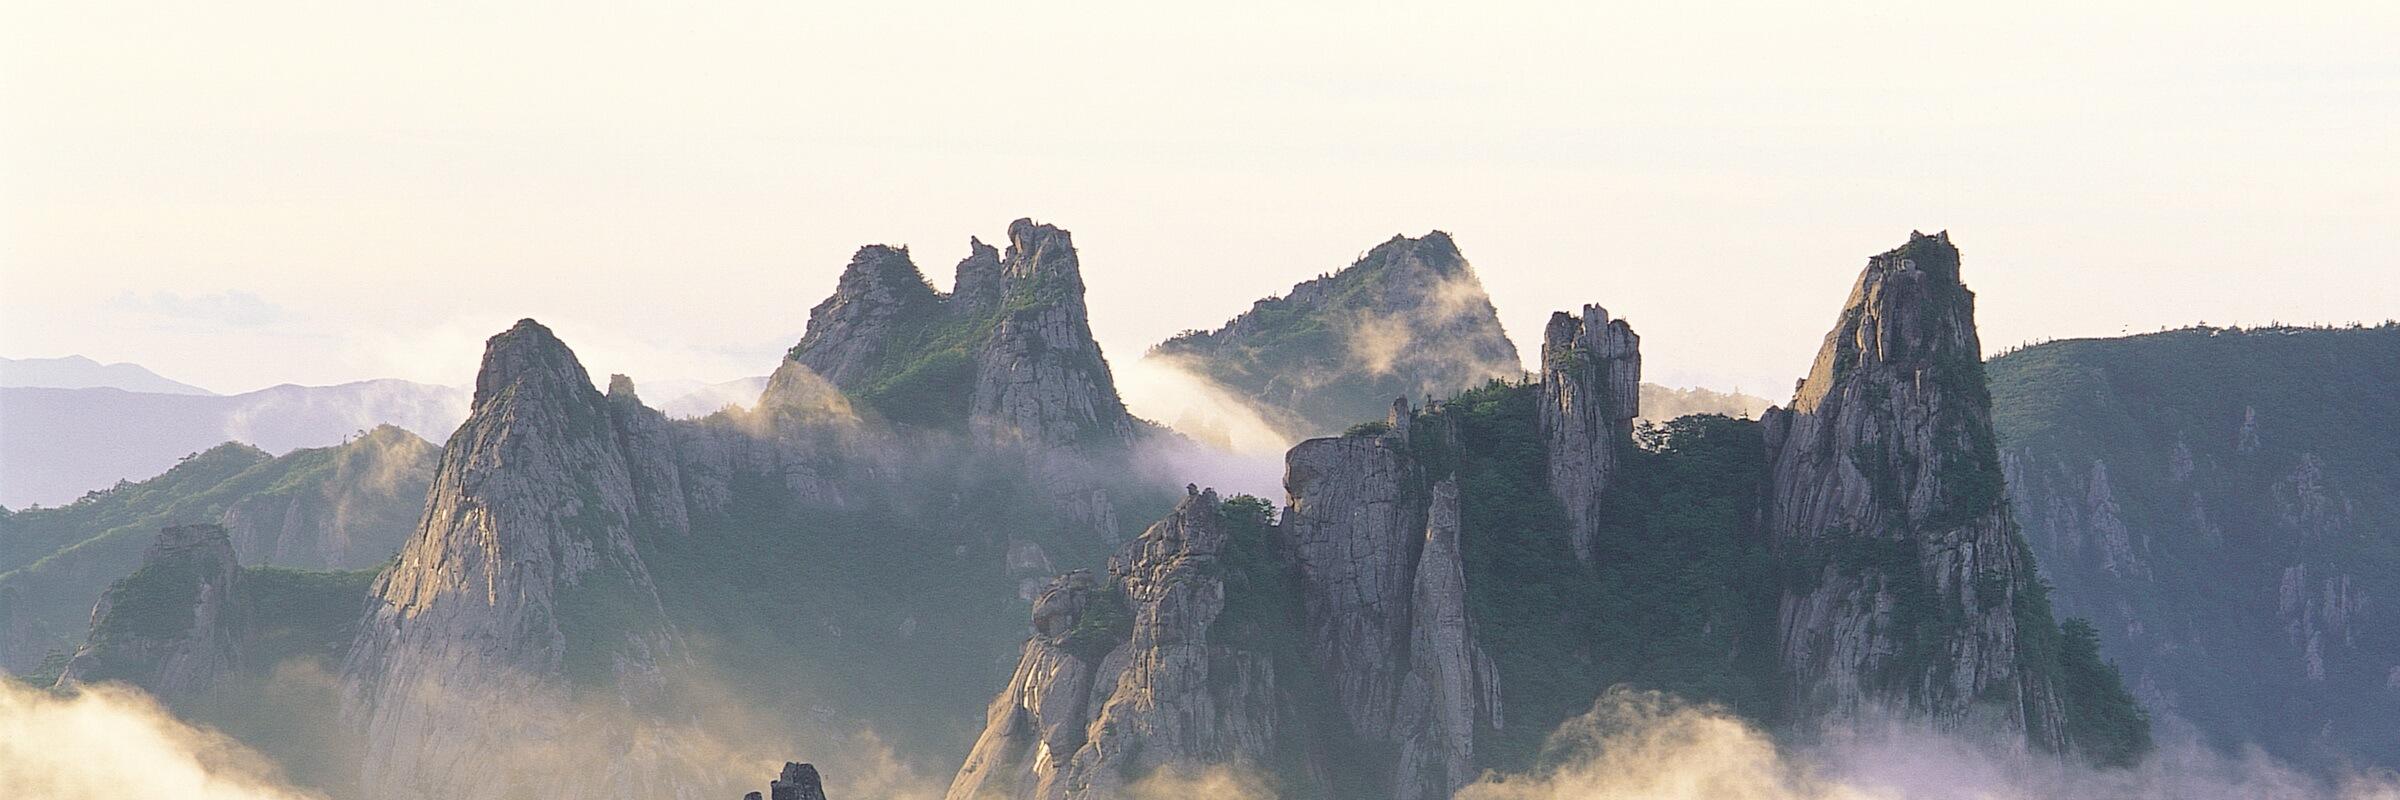 Der Seoraksan im Taebaek-Gebirge ist vor allem für seine zerklüftete Felslandschaft bekannt. Mit 1708 m ist er dritthöchste Berg Südkoreas.